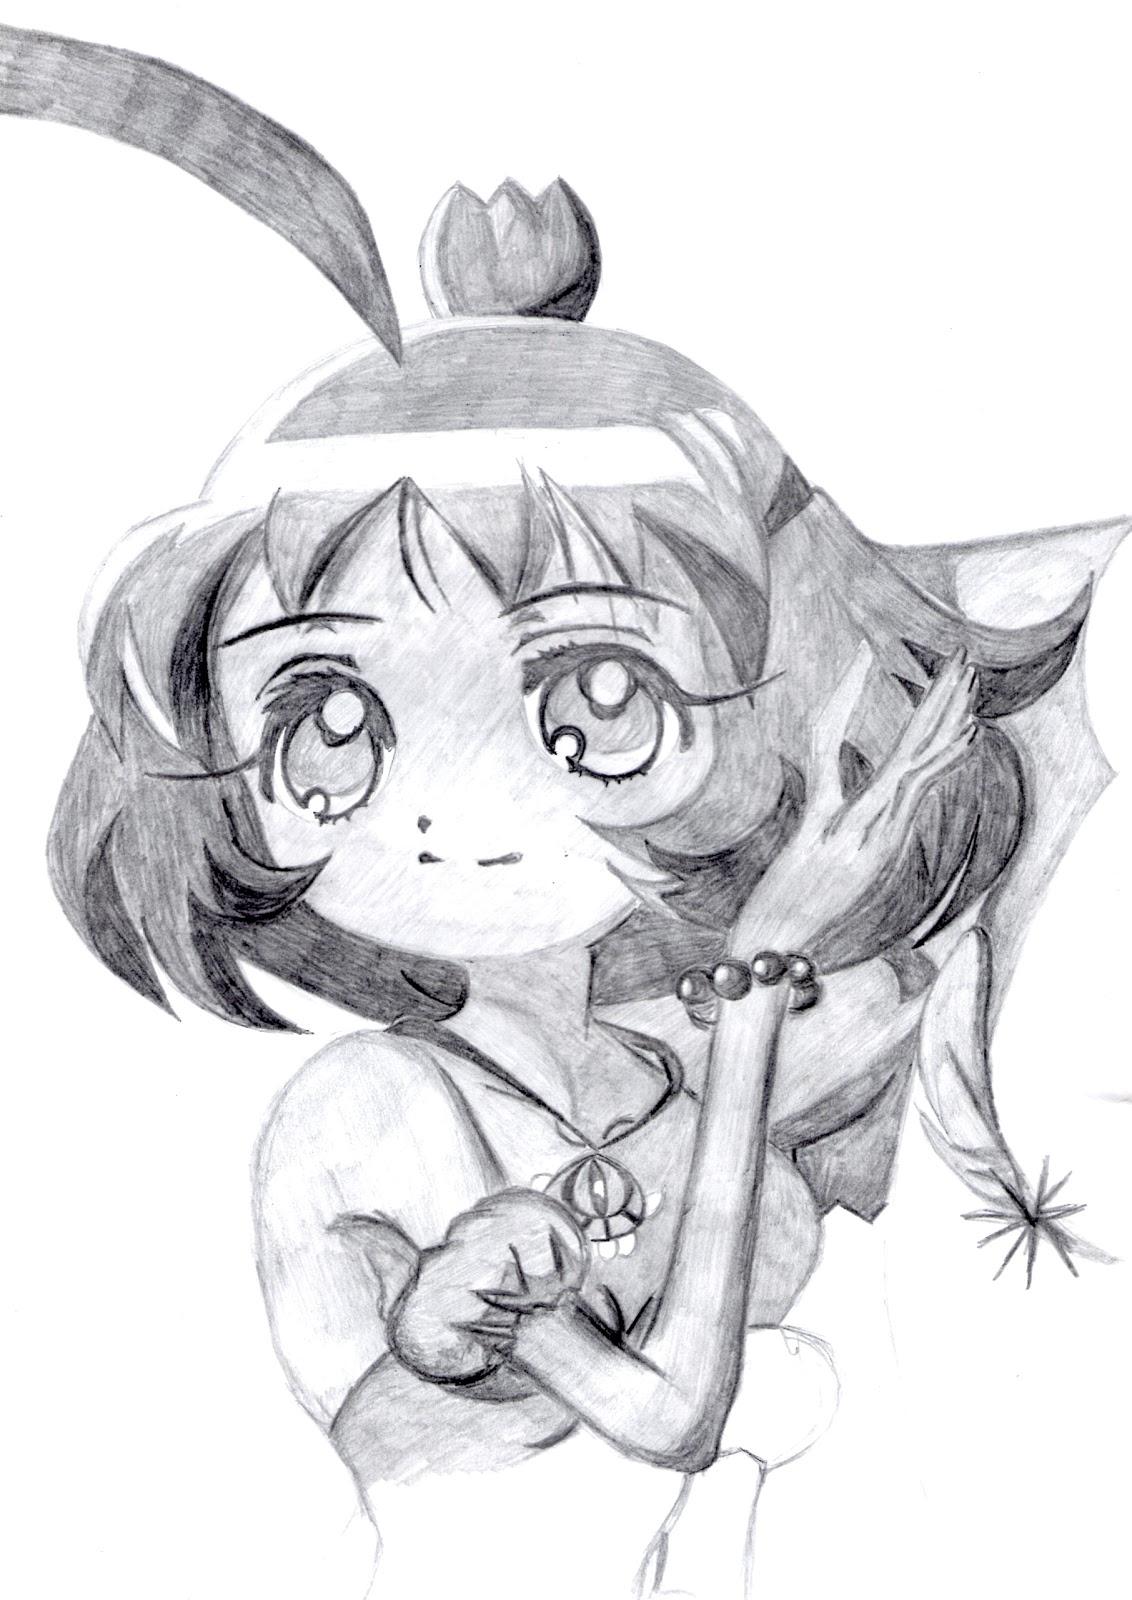 Dibujos Anime Romanticos Y Paisajes Alexander HZ 2012